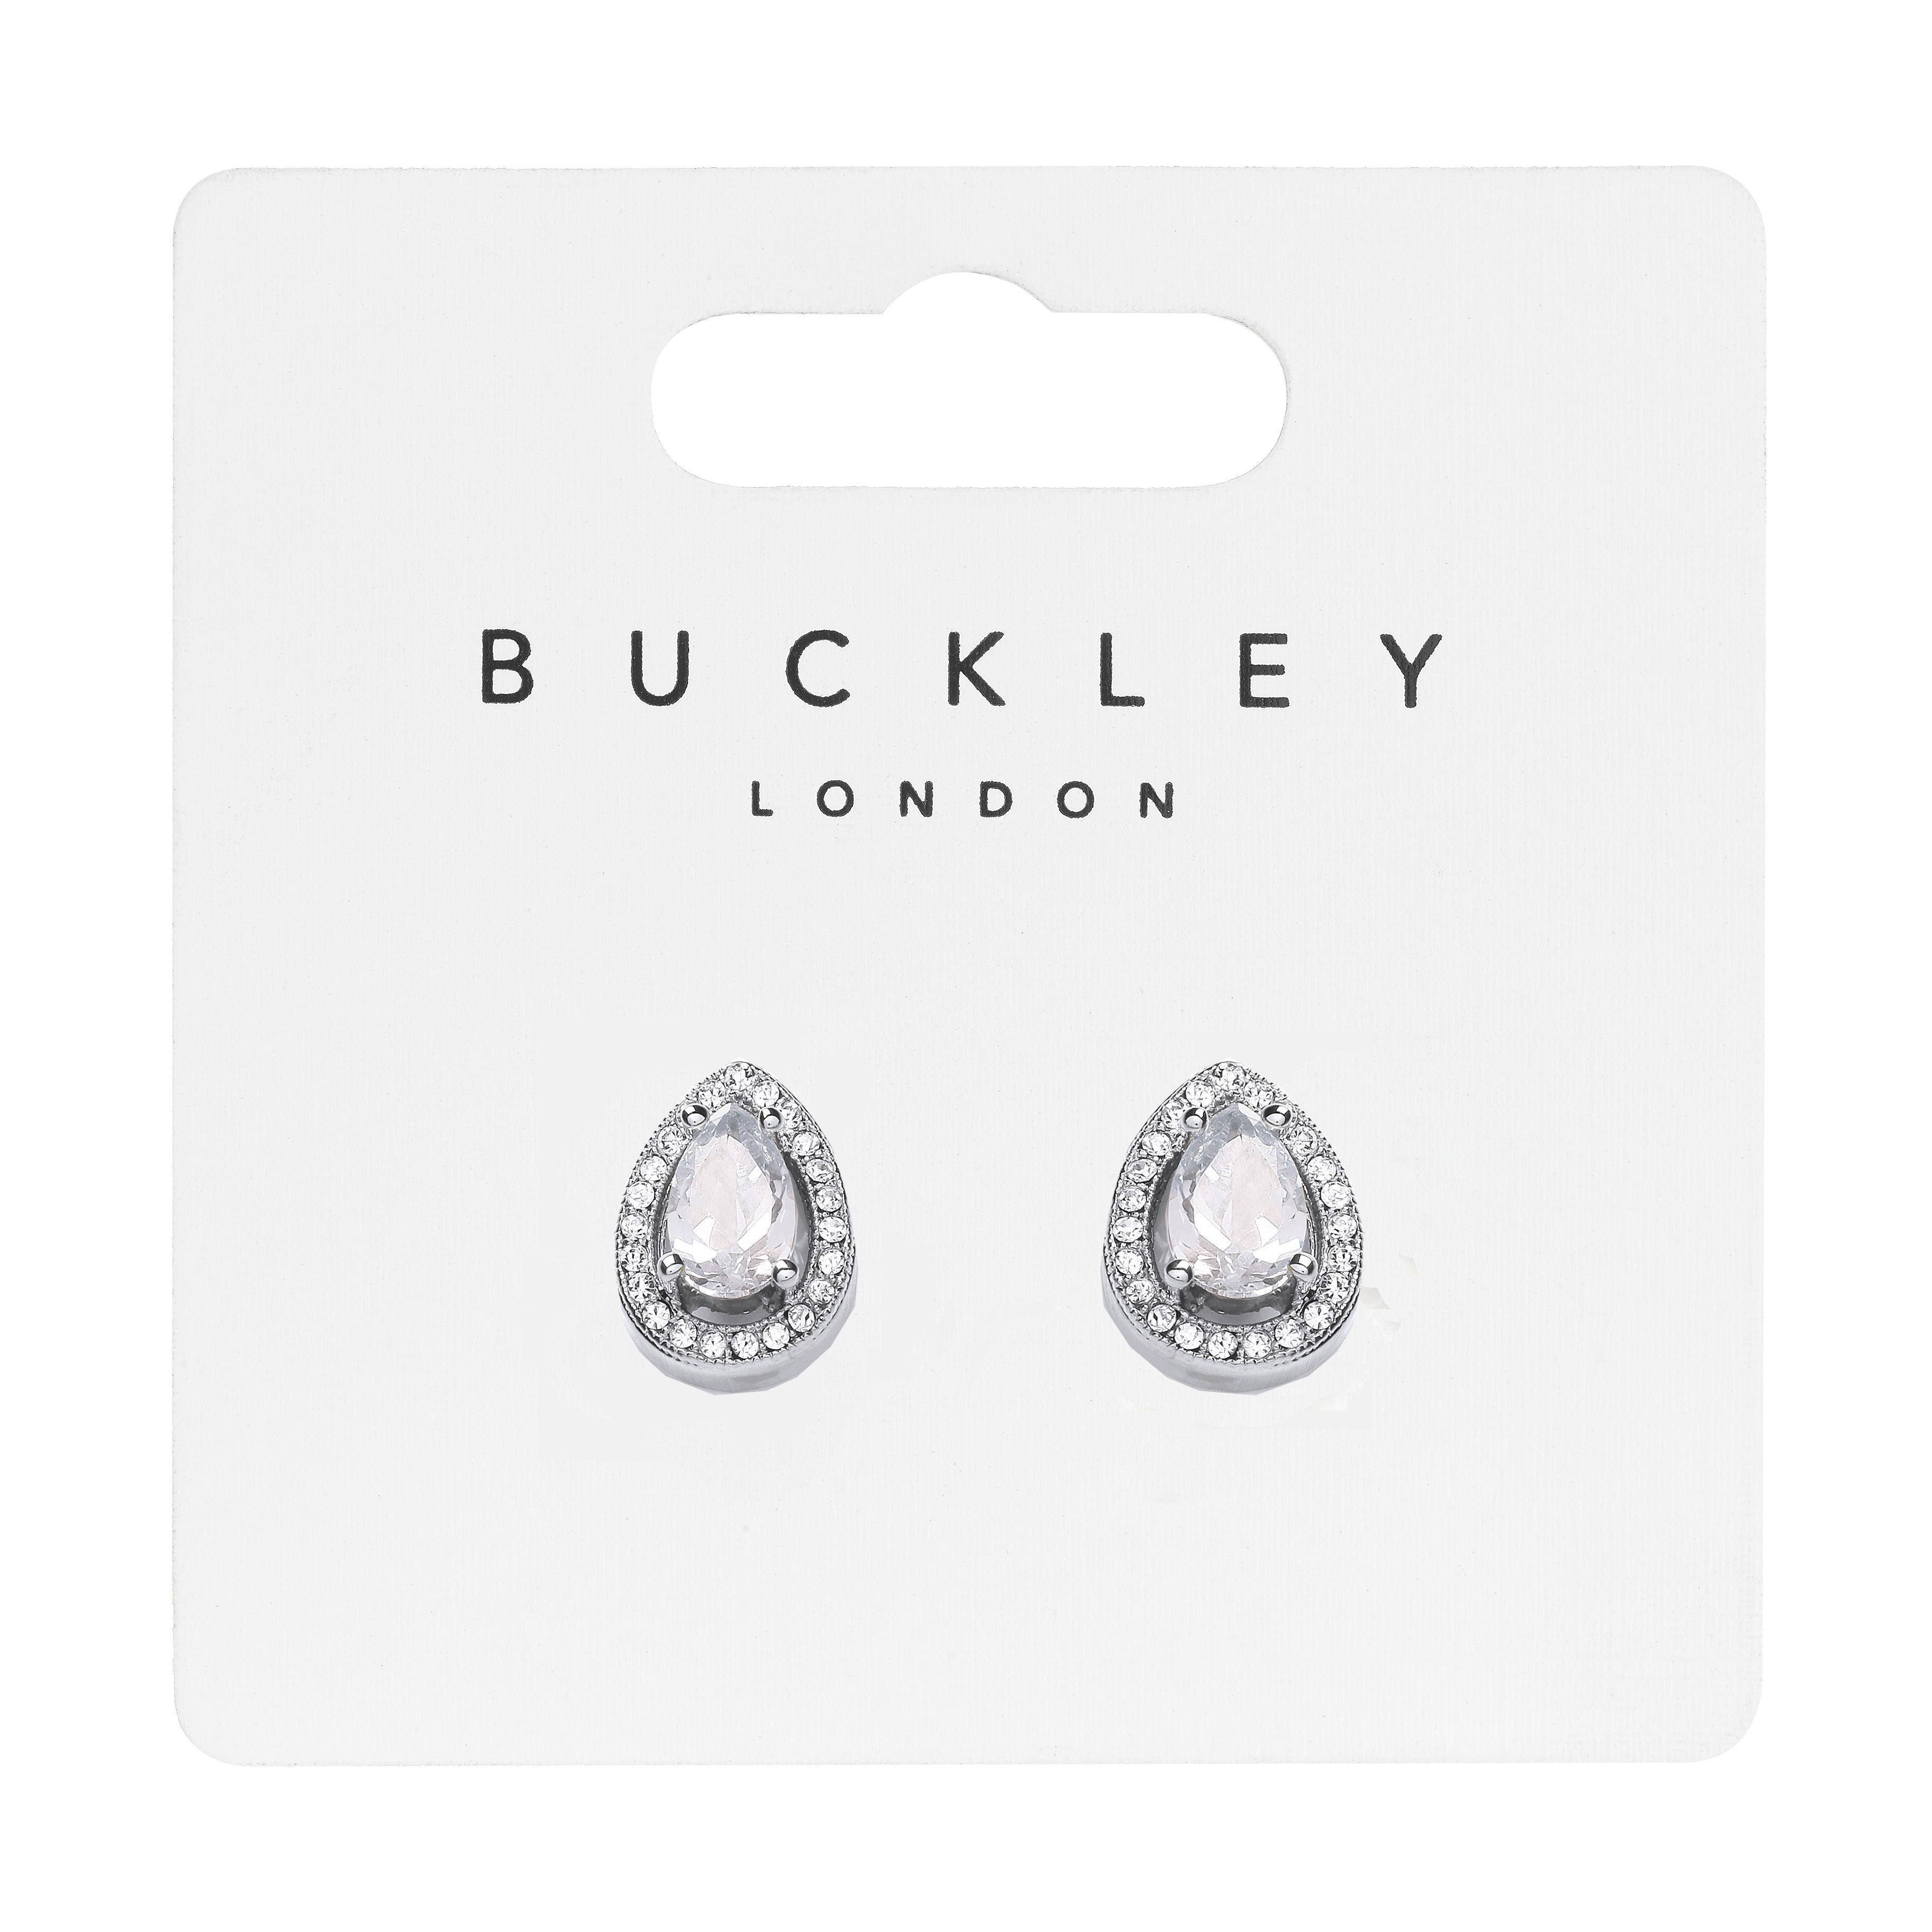 Buckley London Pear Shaped Stud Earrings